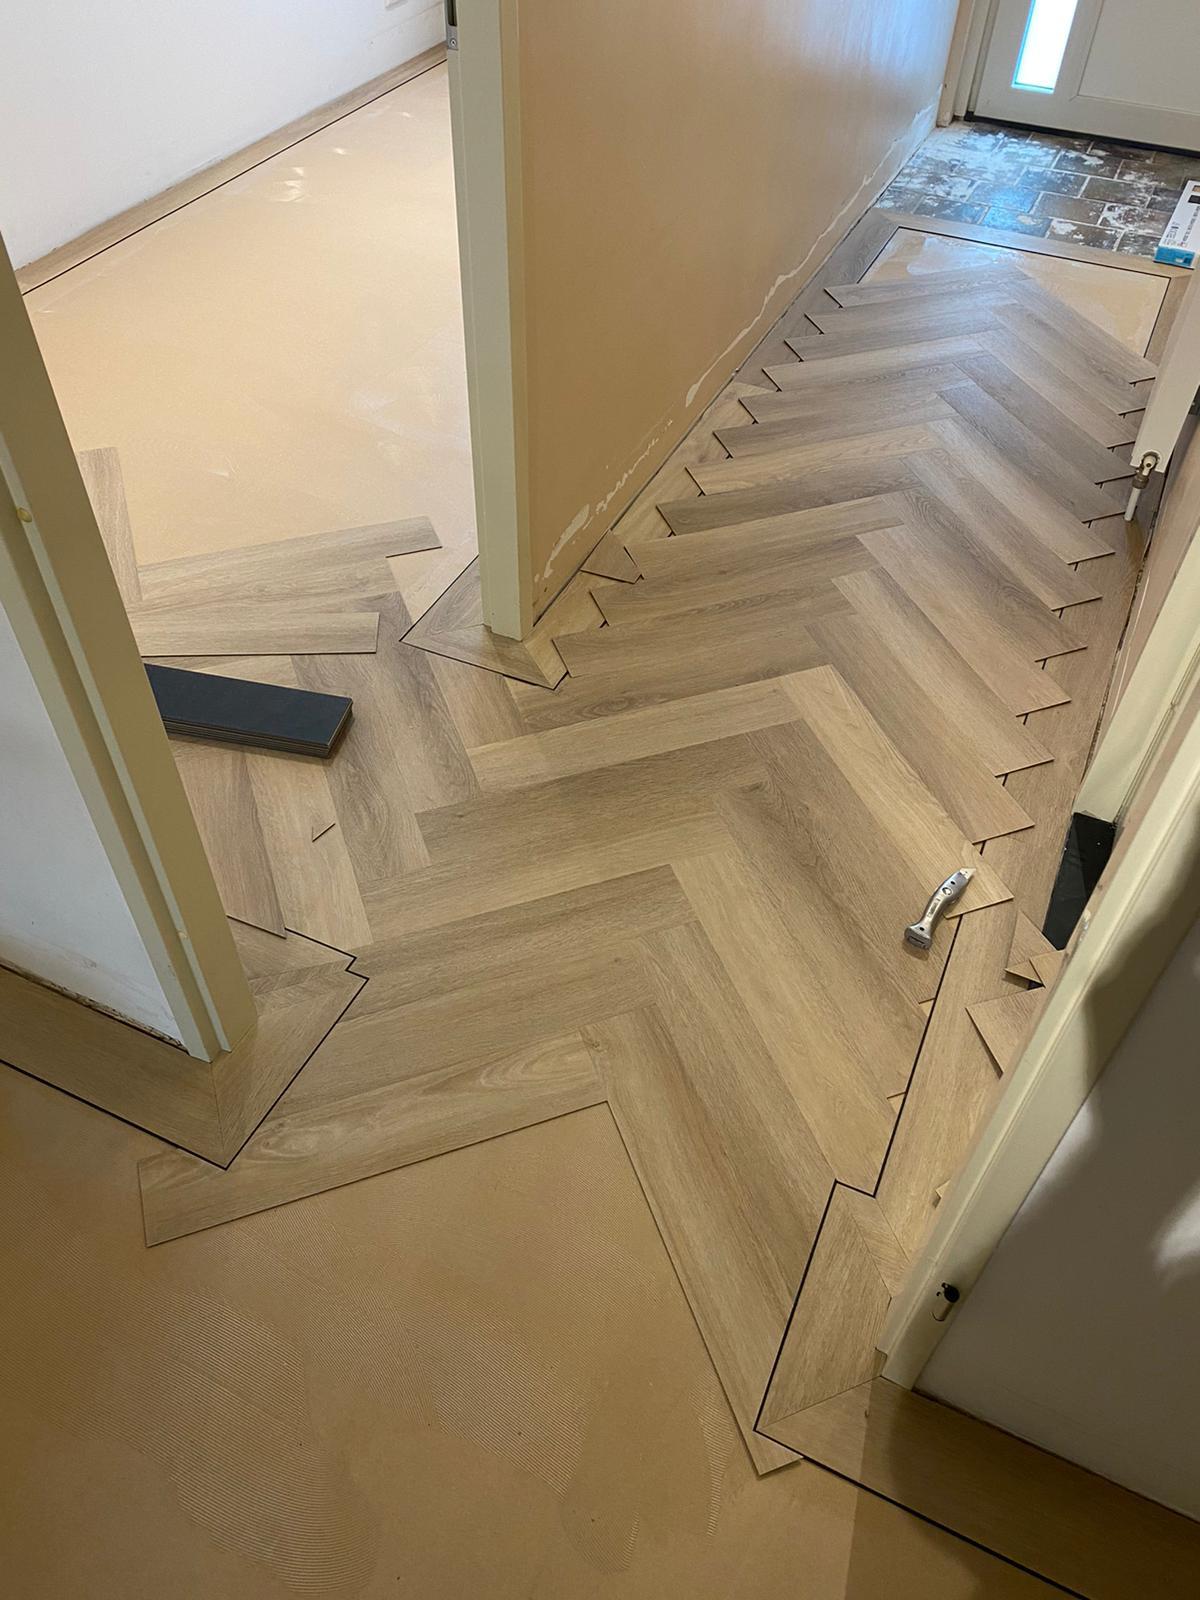 Project visgraat vloer Bacovloeren begonnen met leggen hal en kleine kamer